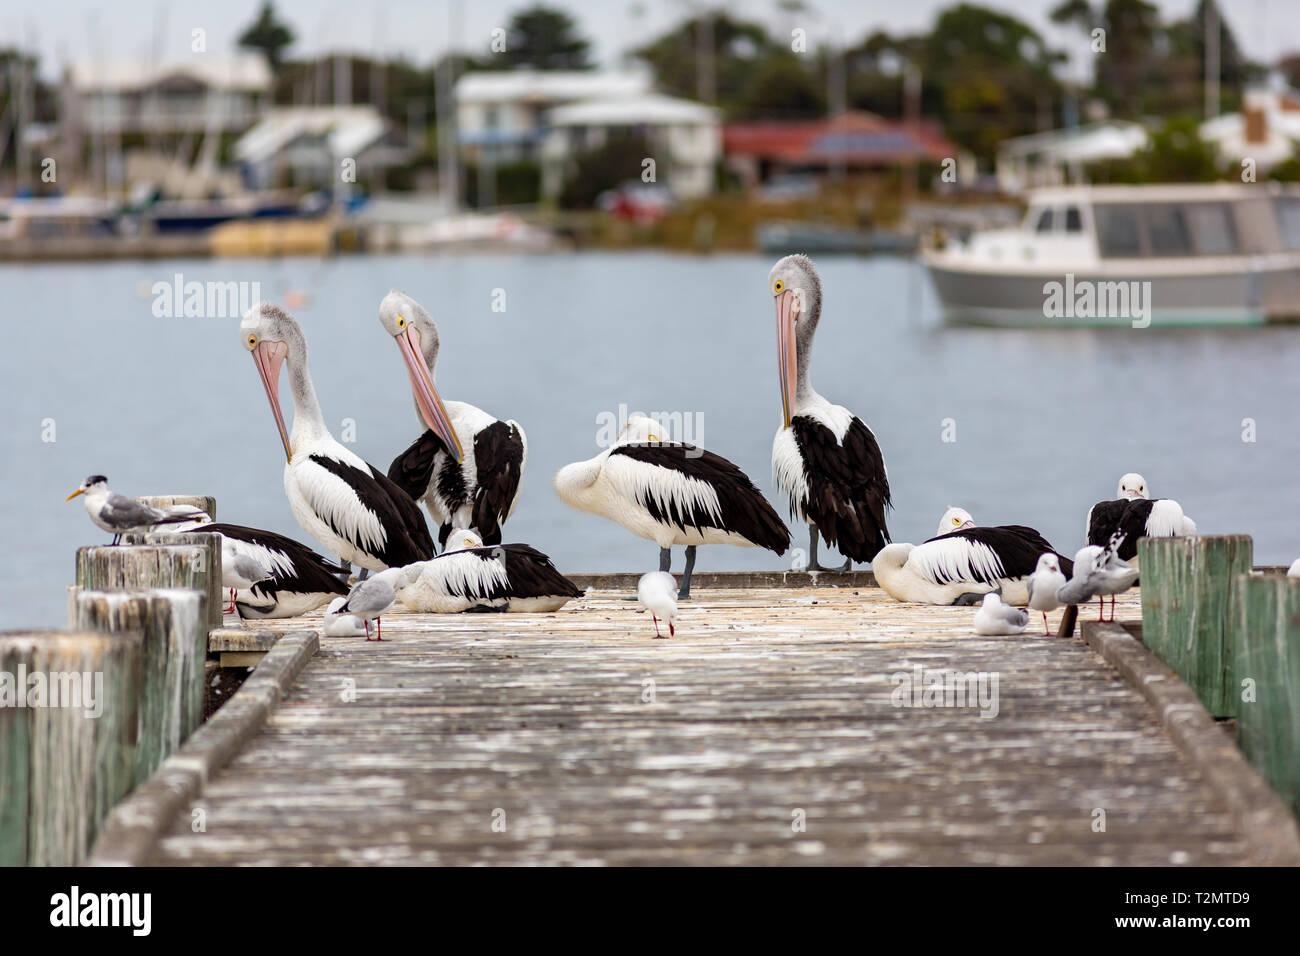 Pelikane auf Tyrannen Steg auf der Fleurieu Peninsula Goolwa South Australia am 3. April 2019 Stockfoto